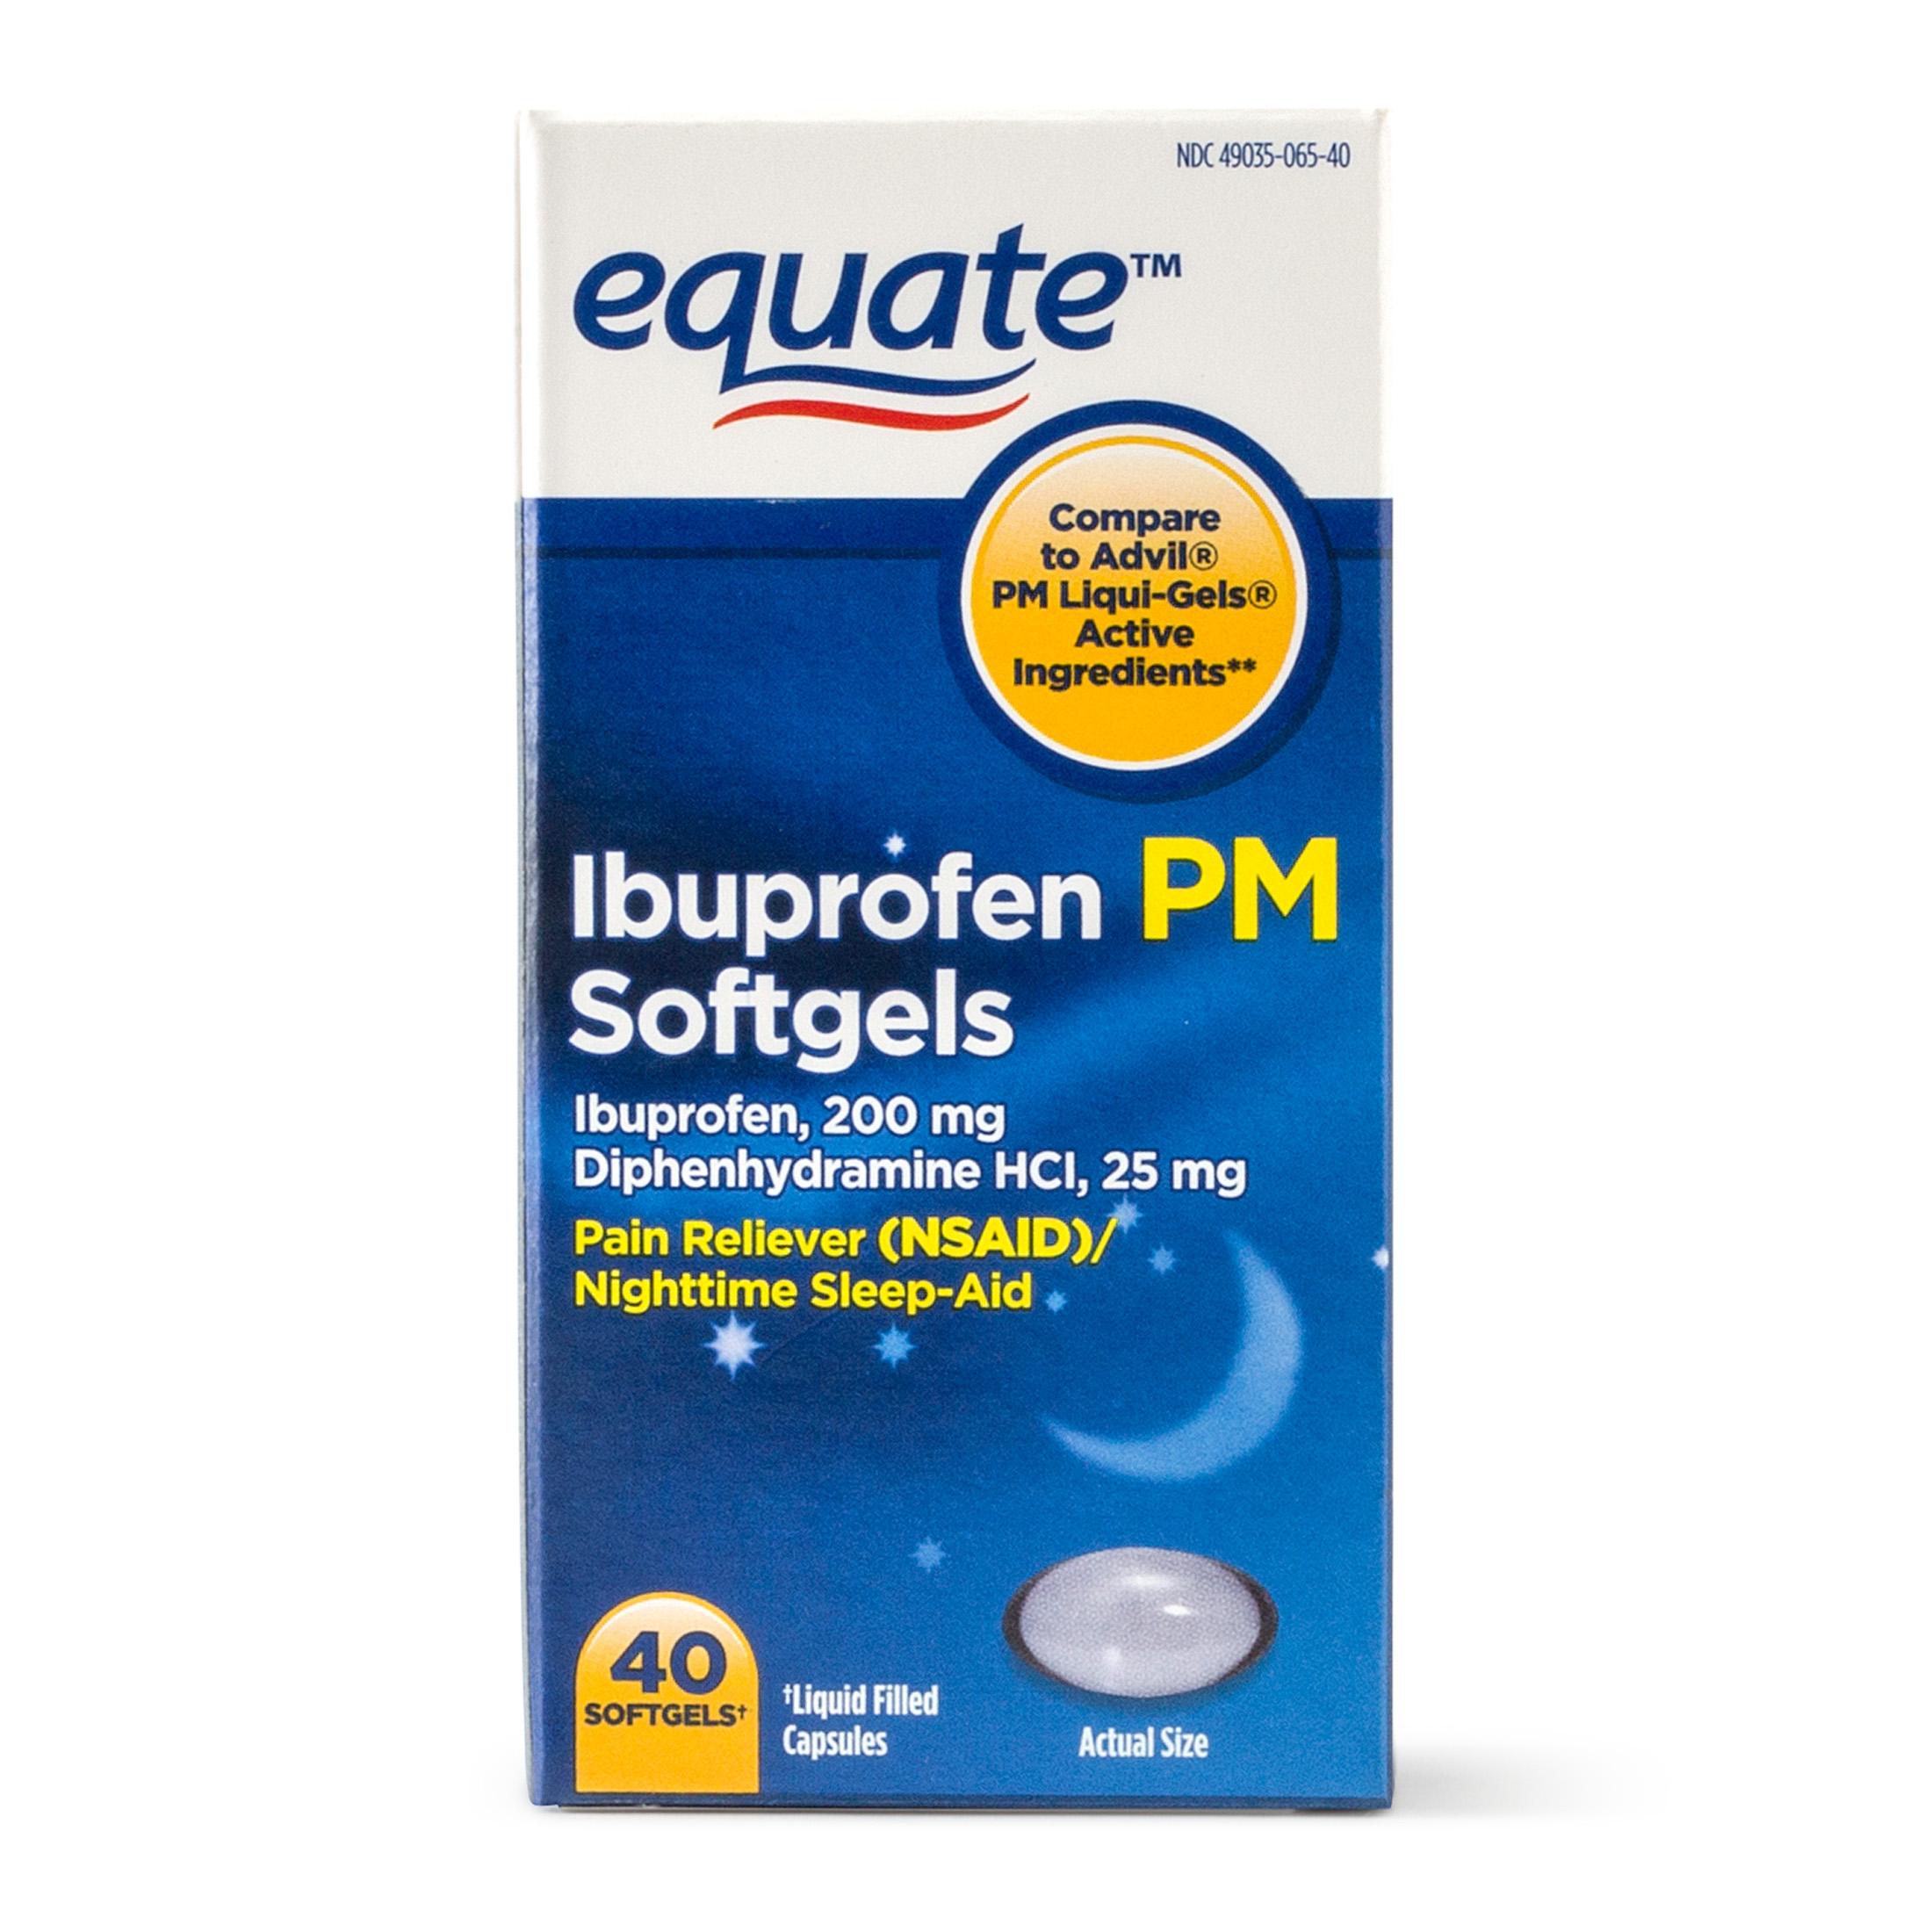 Equate Ibuprofen PM Softgels, 200 mg, 40 Ct